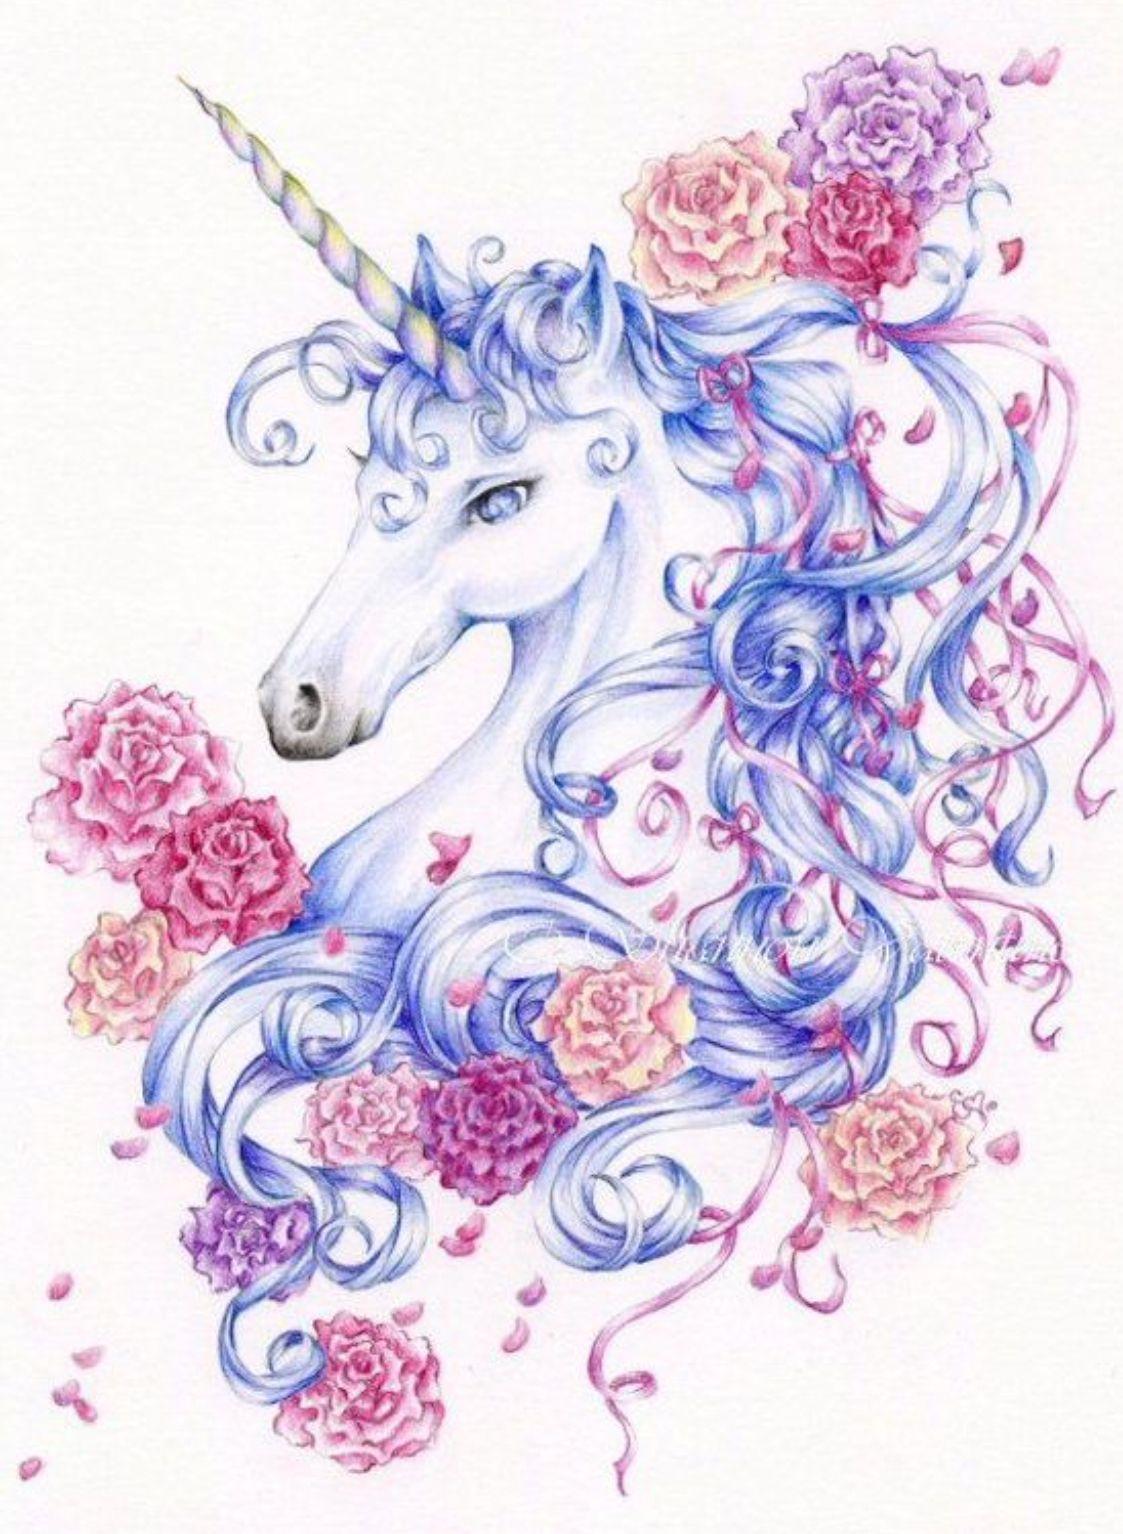 Einhorn Bilder Zum Ausdrucken Bunt : einhorn, bilder, ausdrucken, Unicorn, Einhorn, Zeichnen,, Einhorn-tattoos,, Bilder